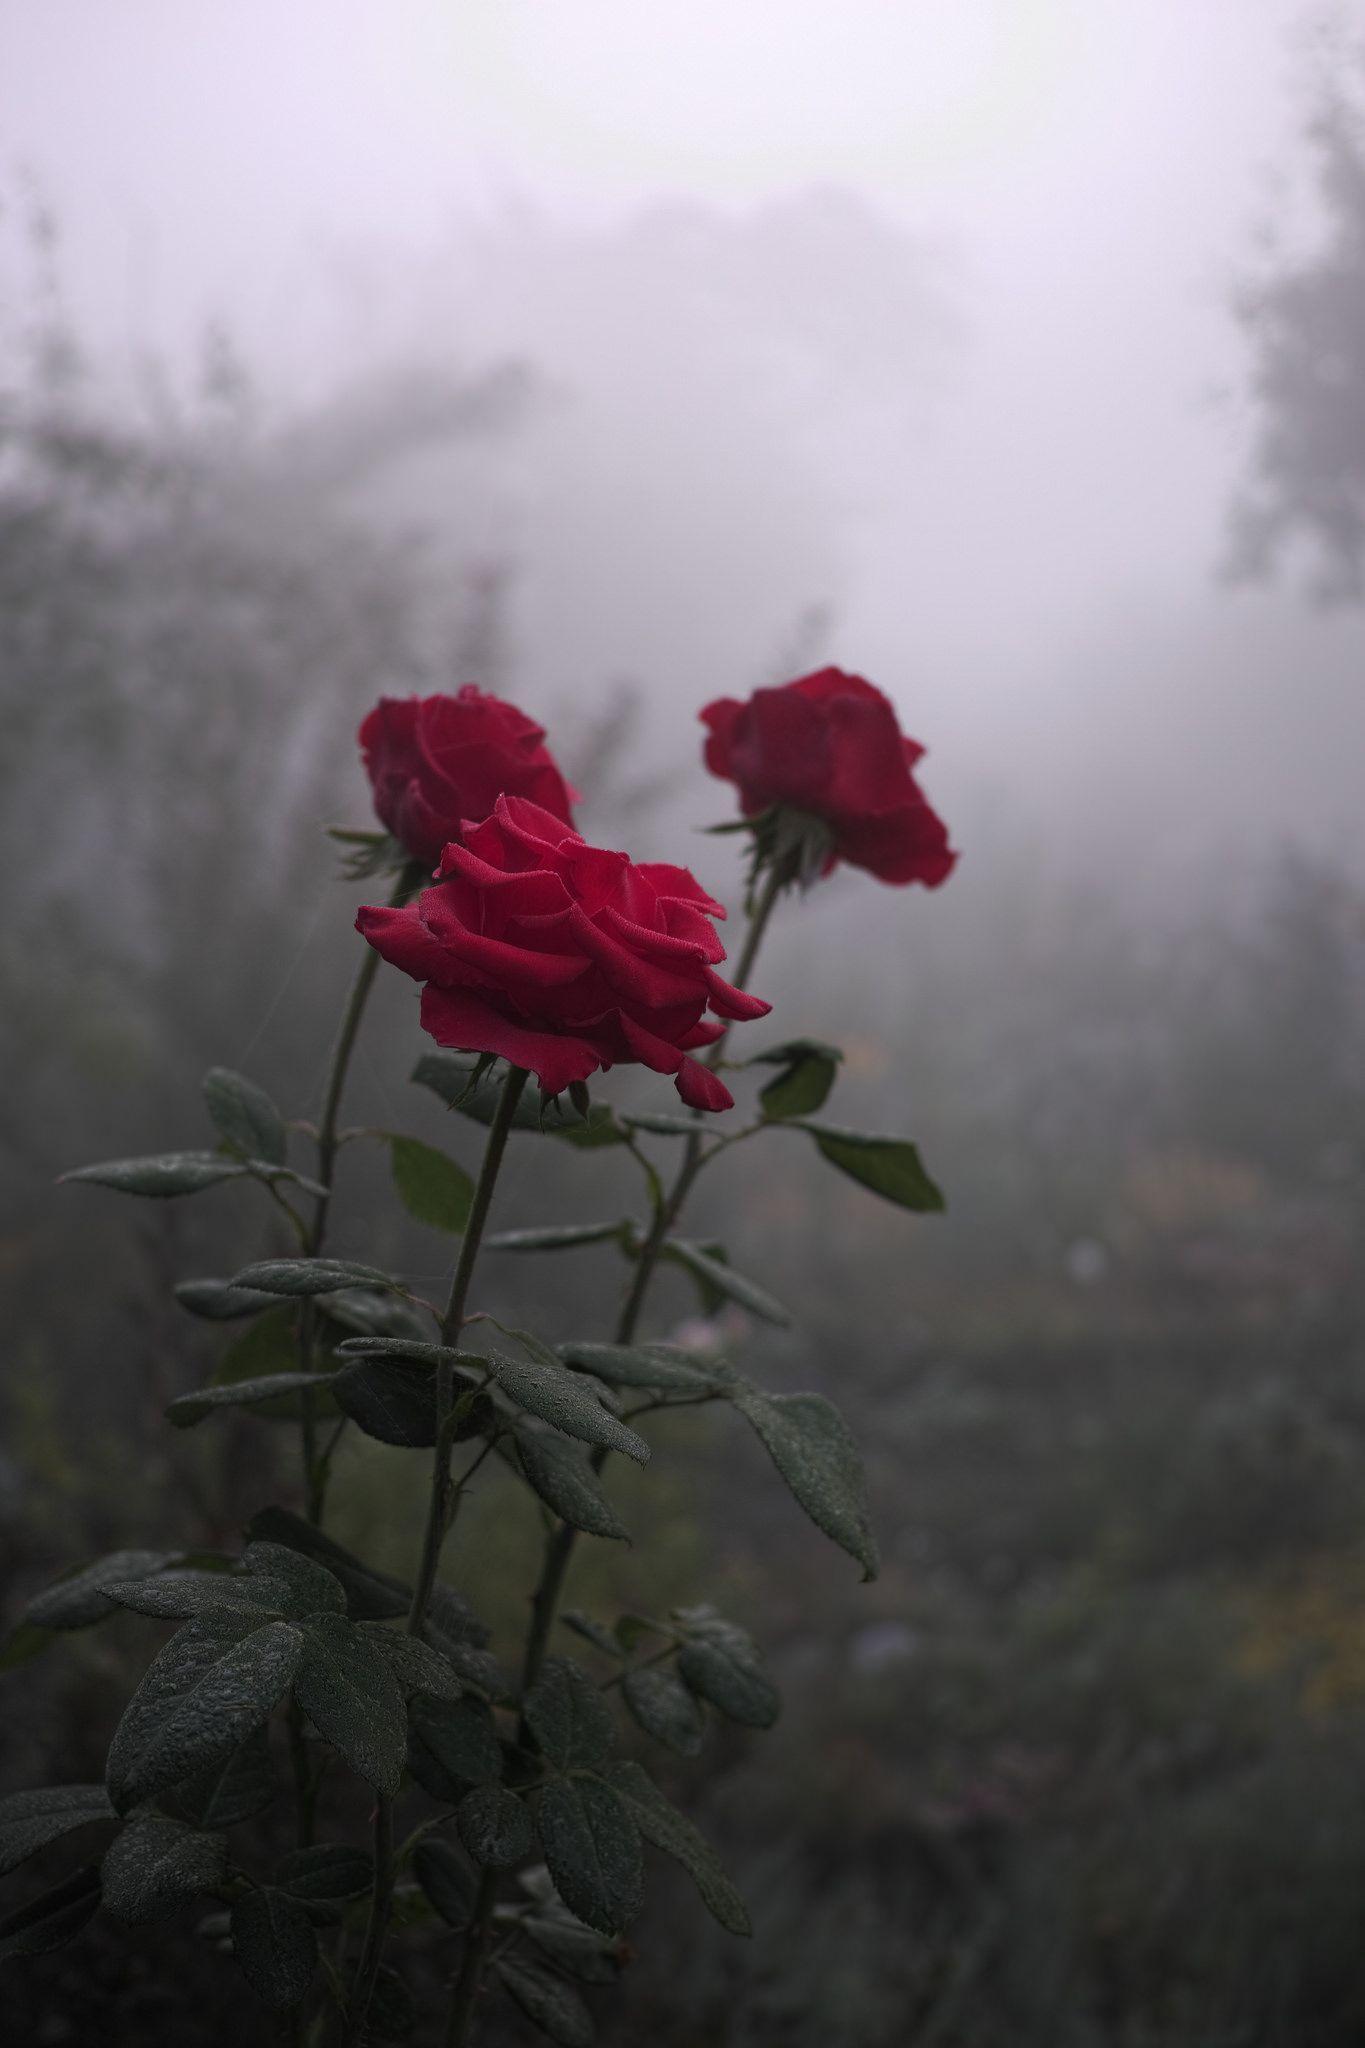 Grunge Rose Aesthetic Desktop Wallpapers Top Free Grunge Rose